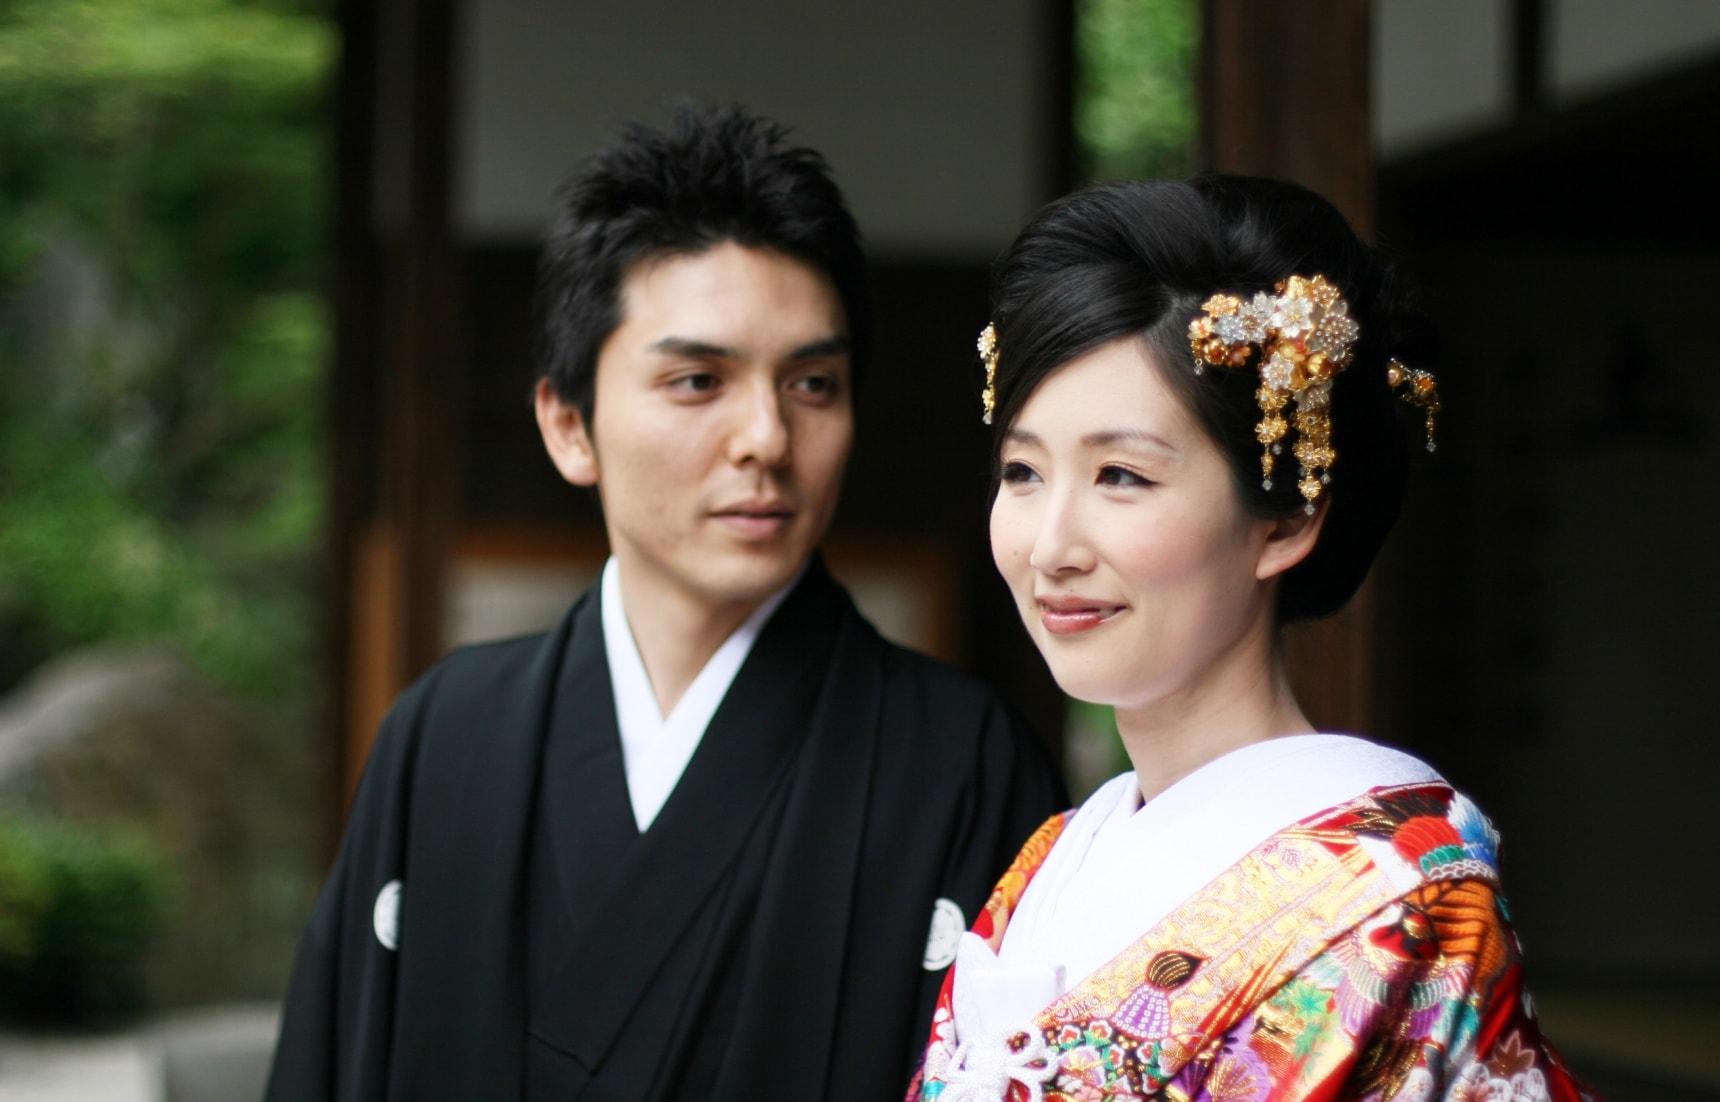 เช็คลิสต์ก่อนแต่งงานกับสาวญี่ปุ่น